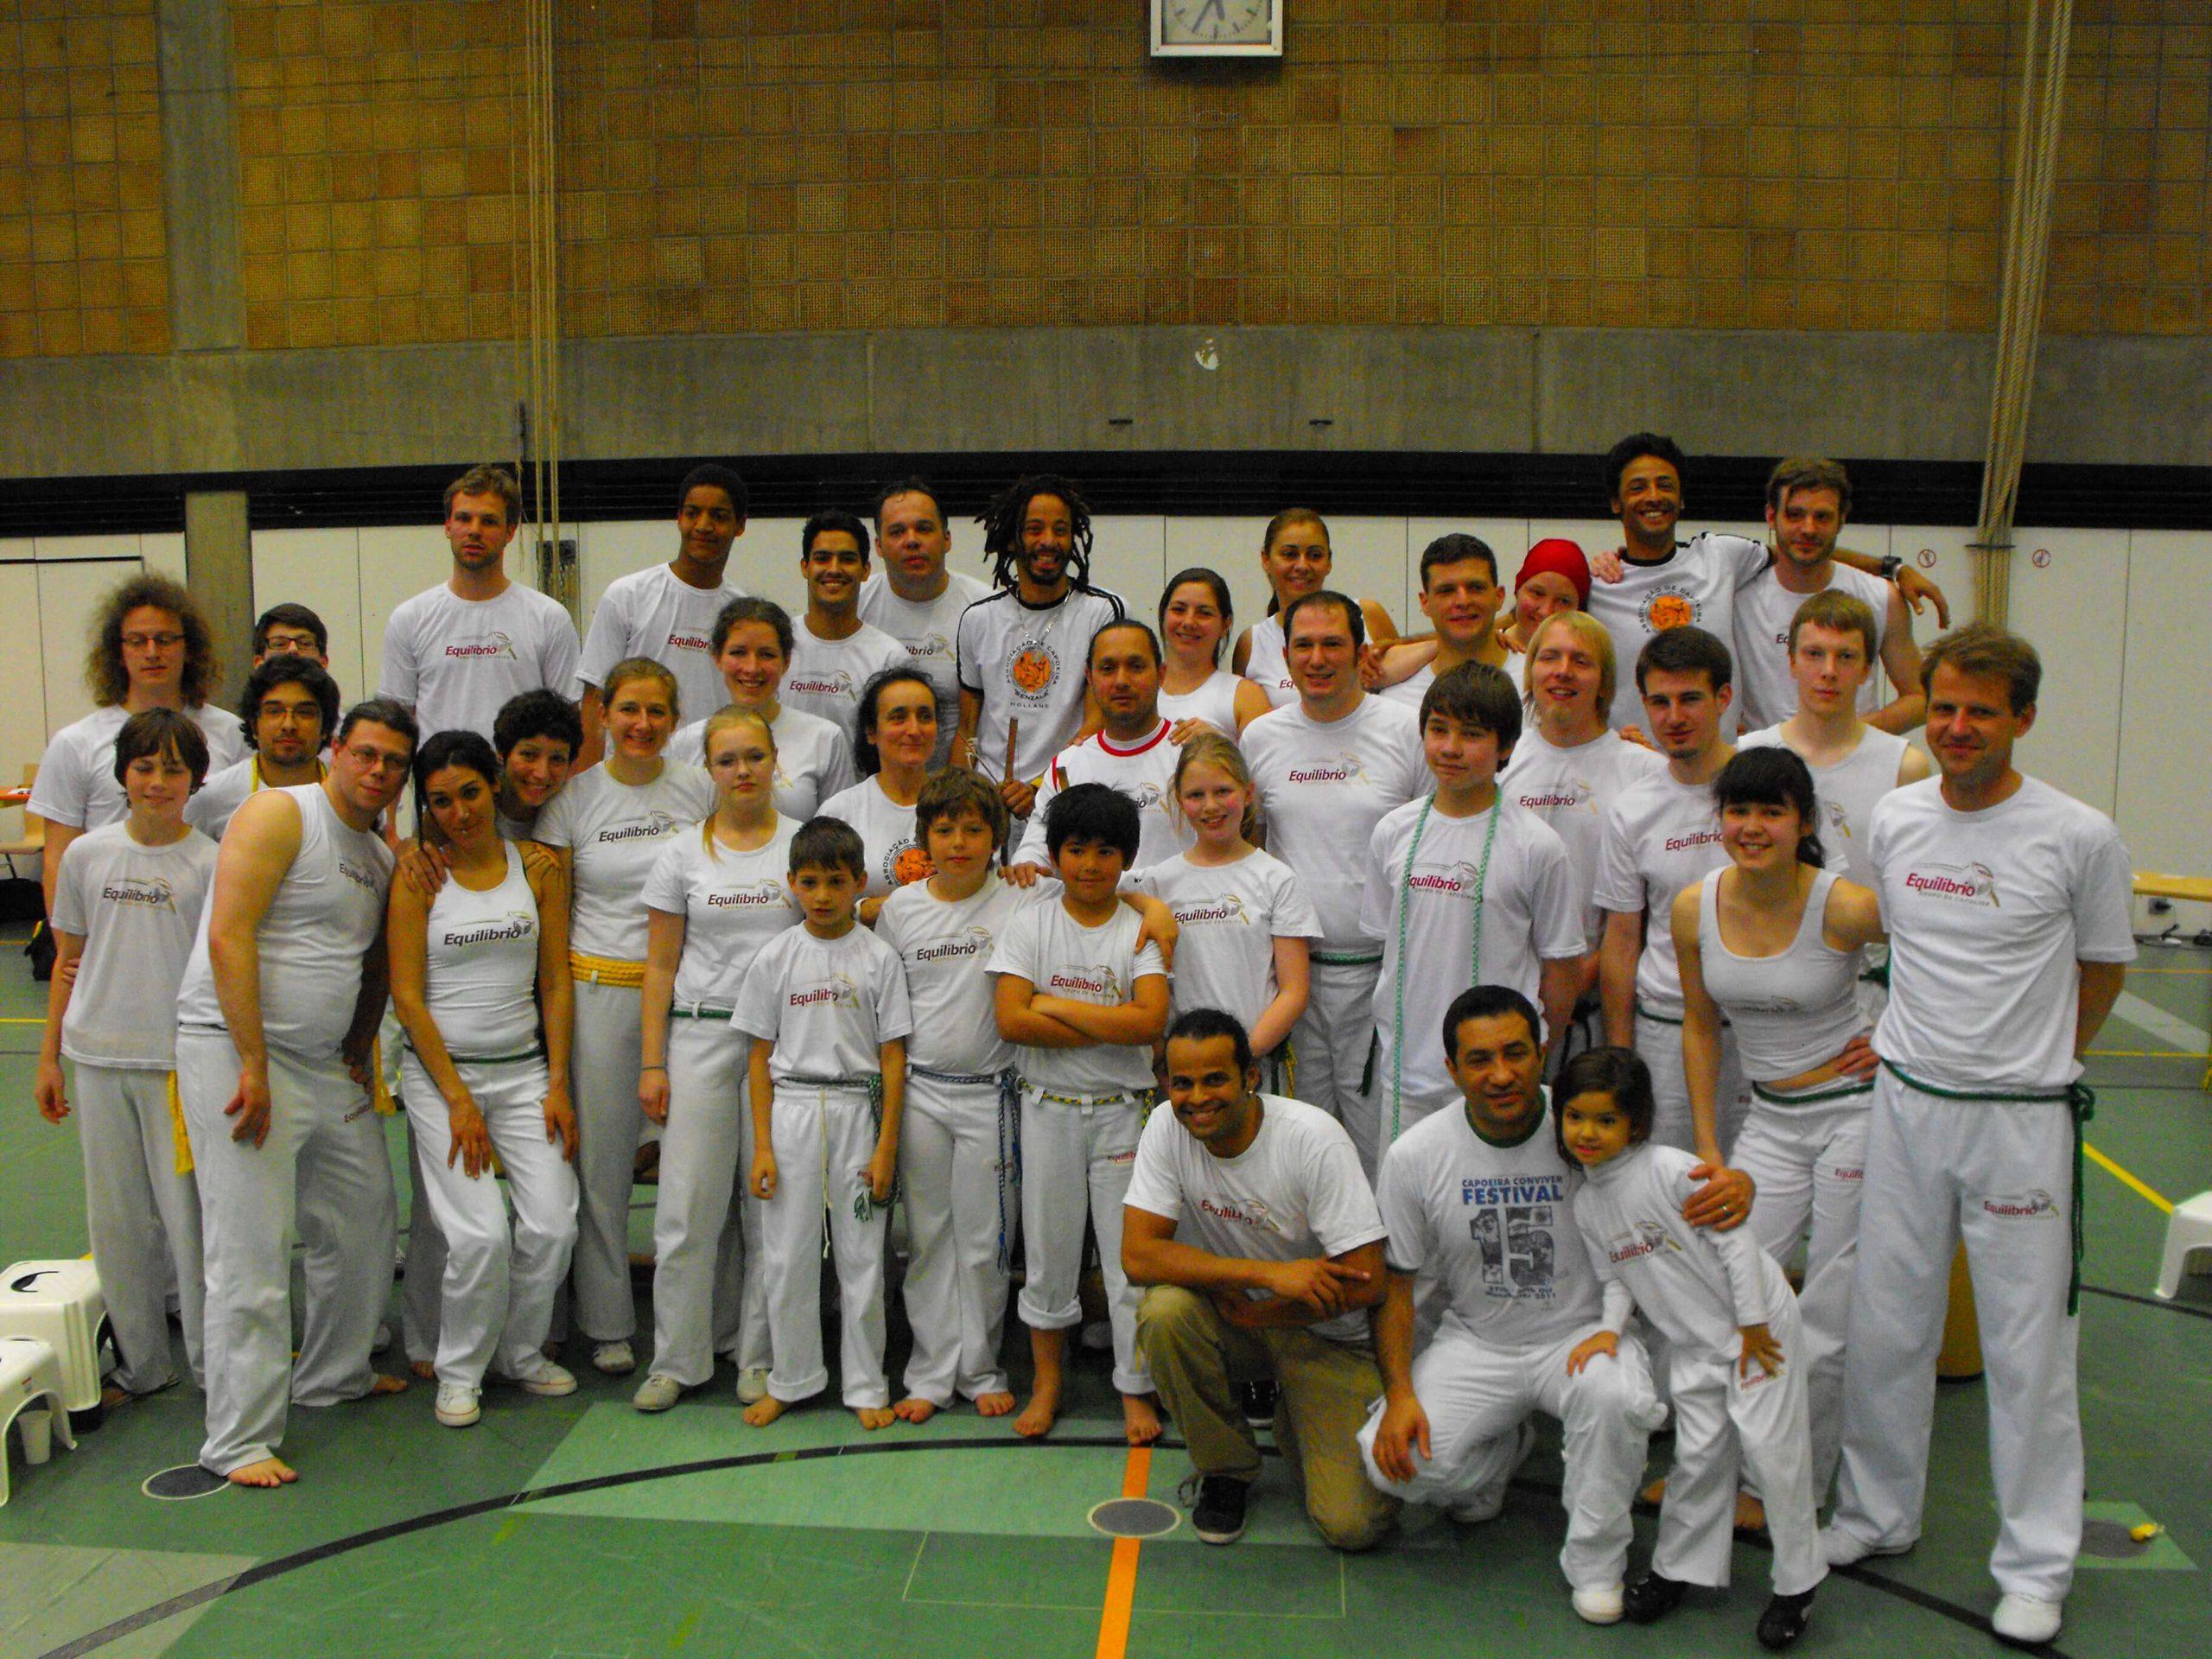 Grupo Equilibrio bietet auch Capoeira Training für Kinder